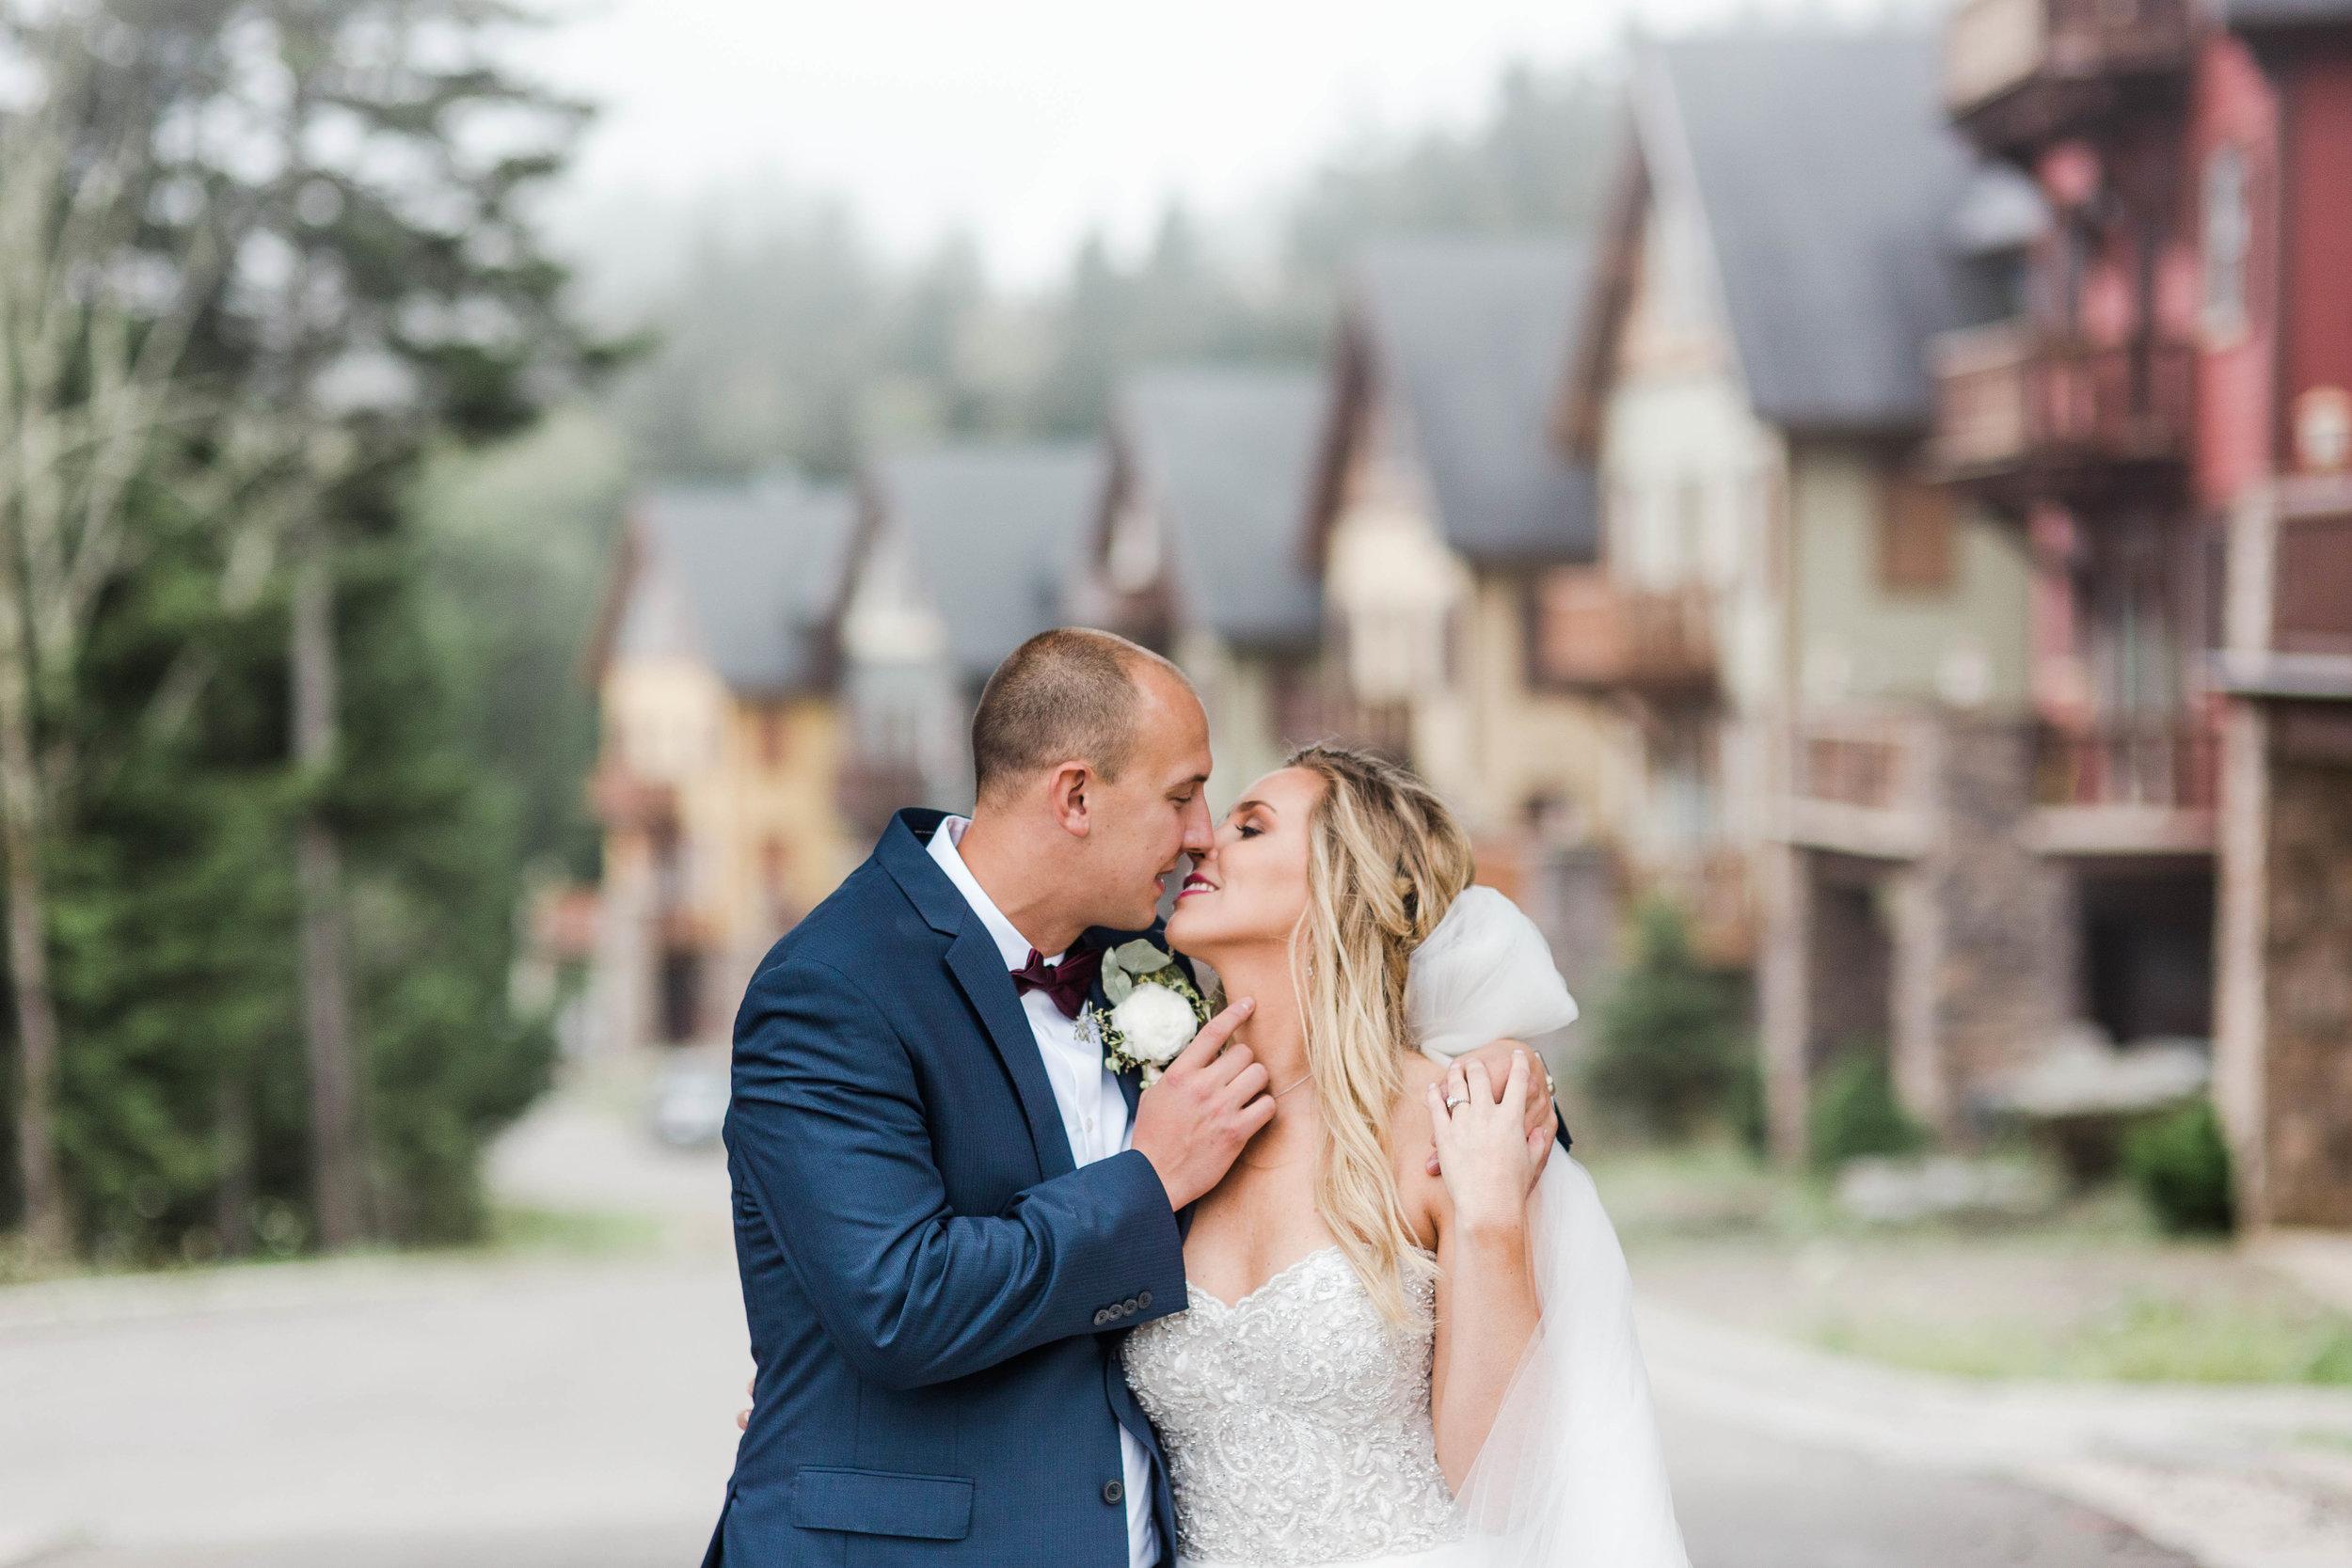 Saiko_Wedding_WV_Kara_Blakeman_Photography_2018_snowshoe_West_Virginia-2824.jpg